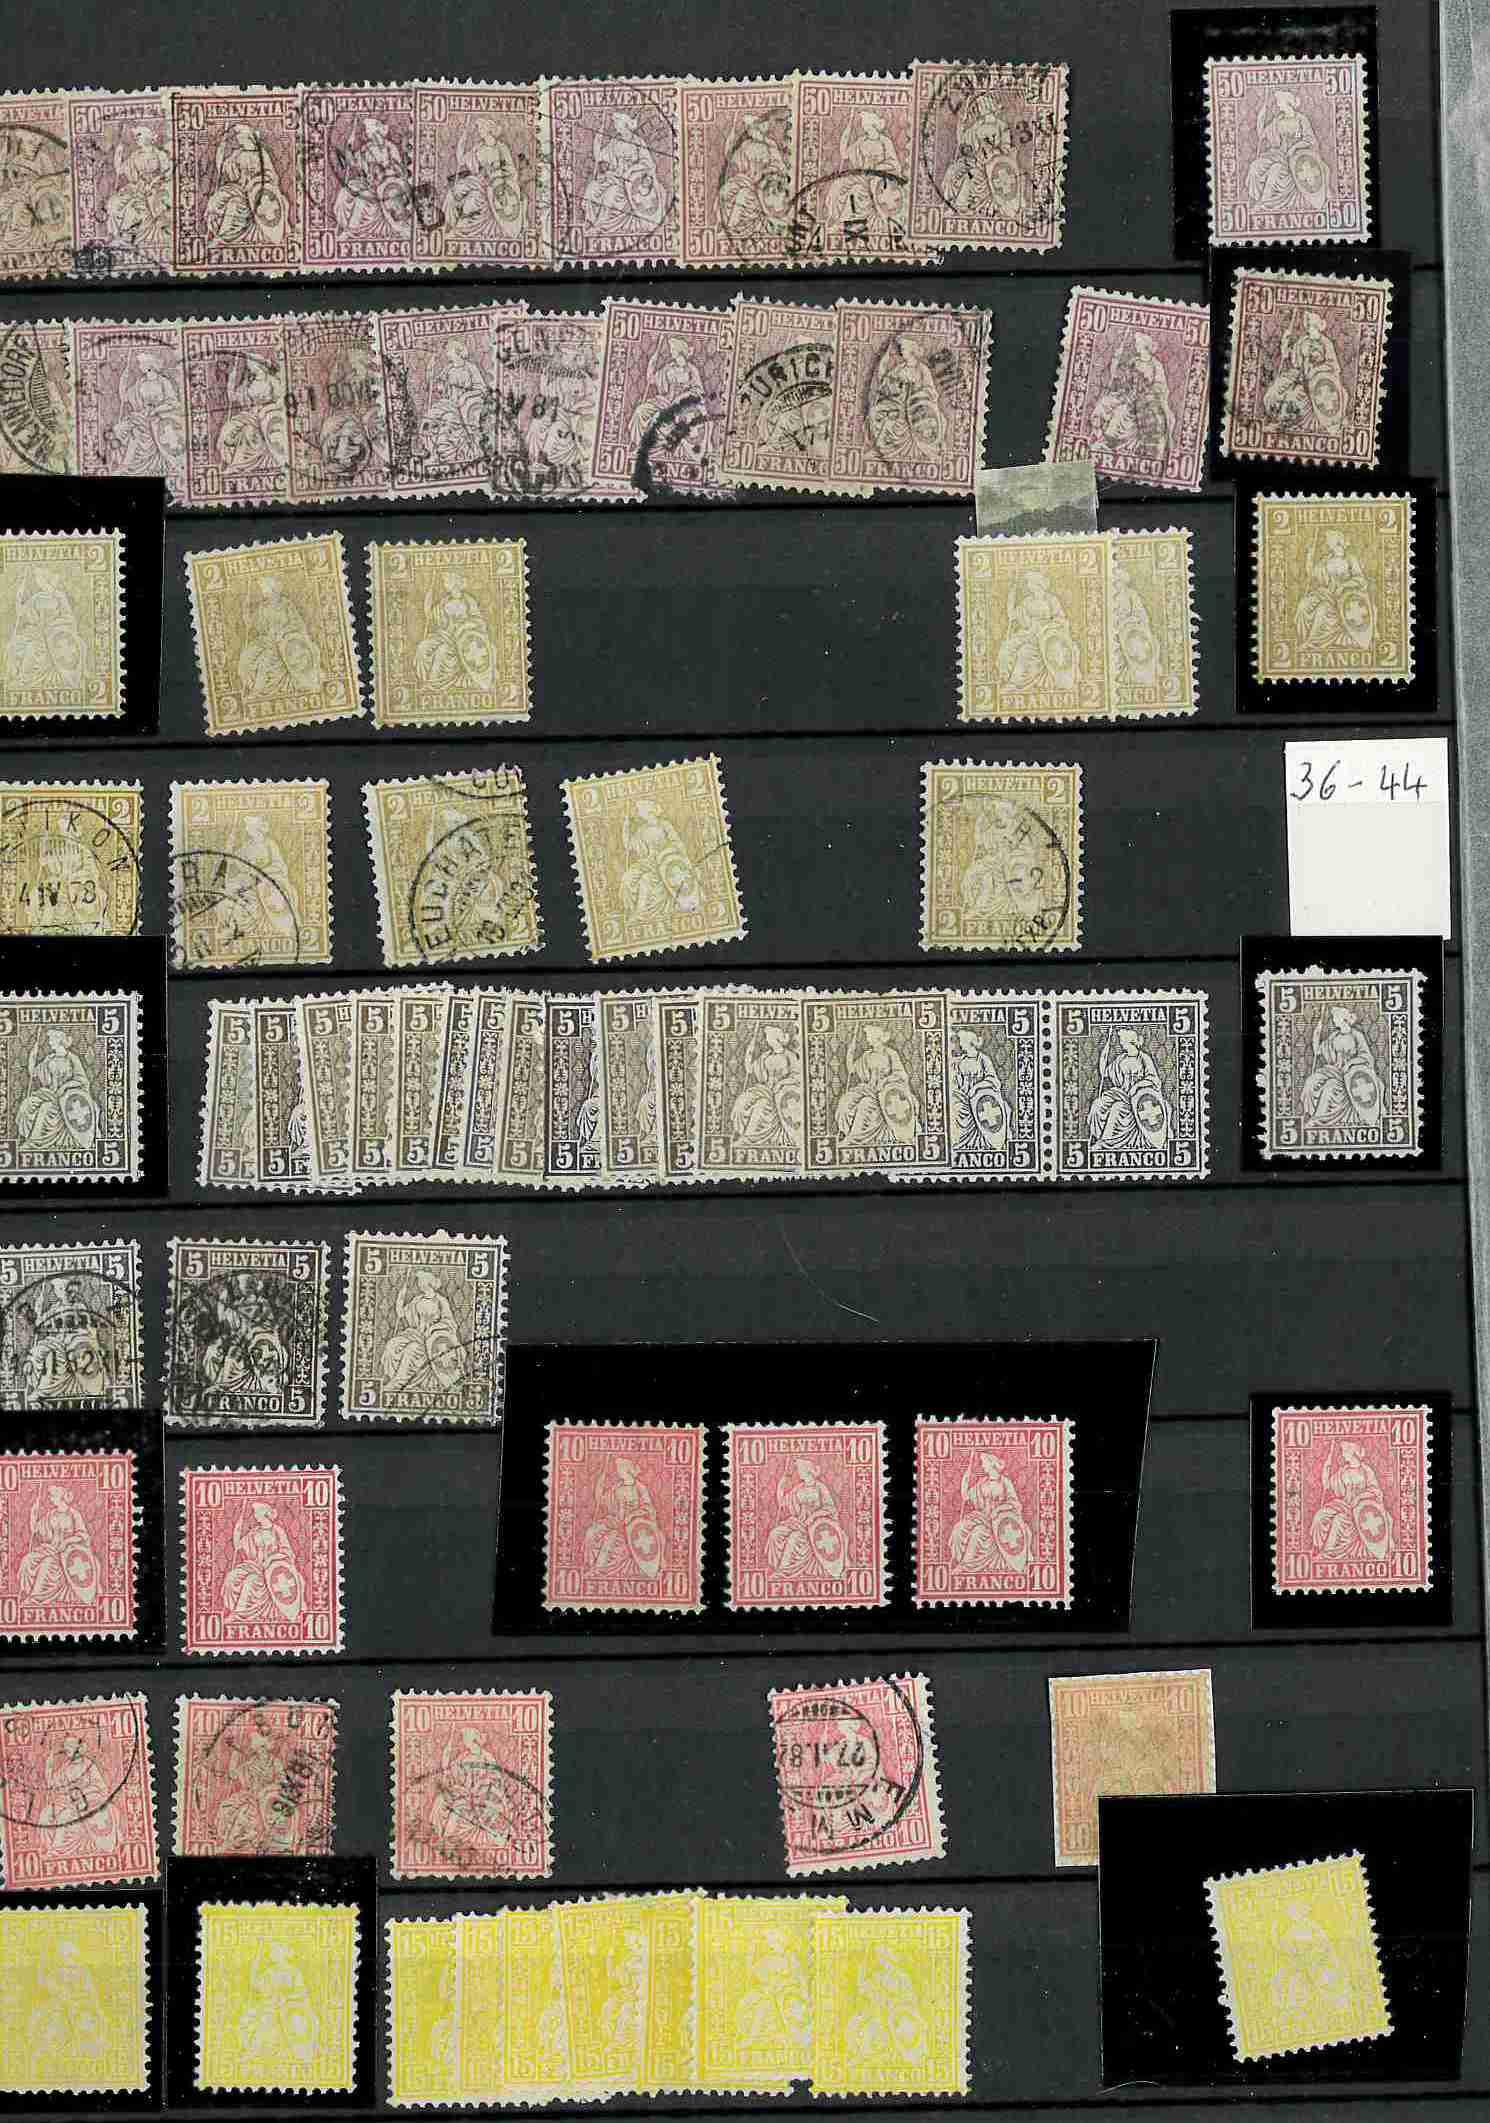 Lagerbestand / Händlerposten Schweiz Michelwert 200.000+ Euro-8